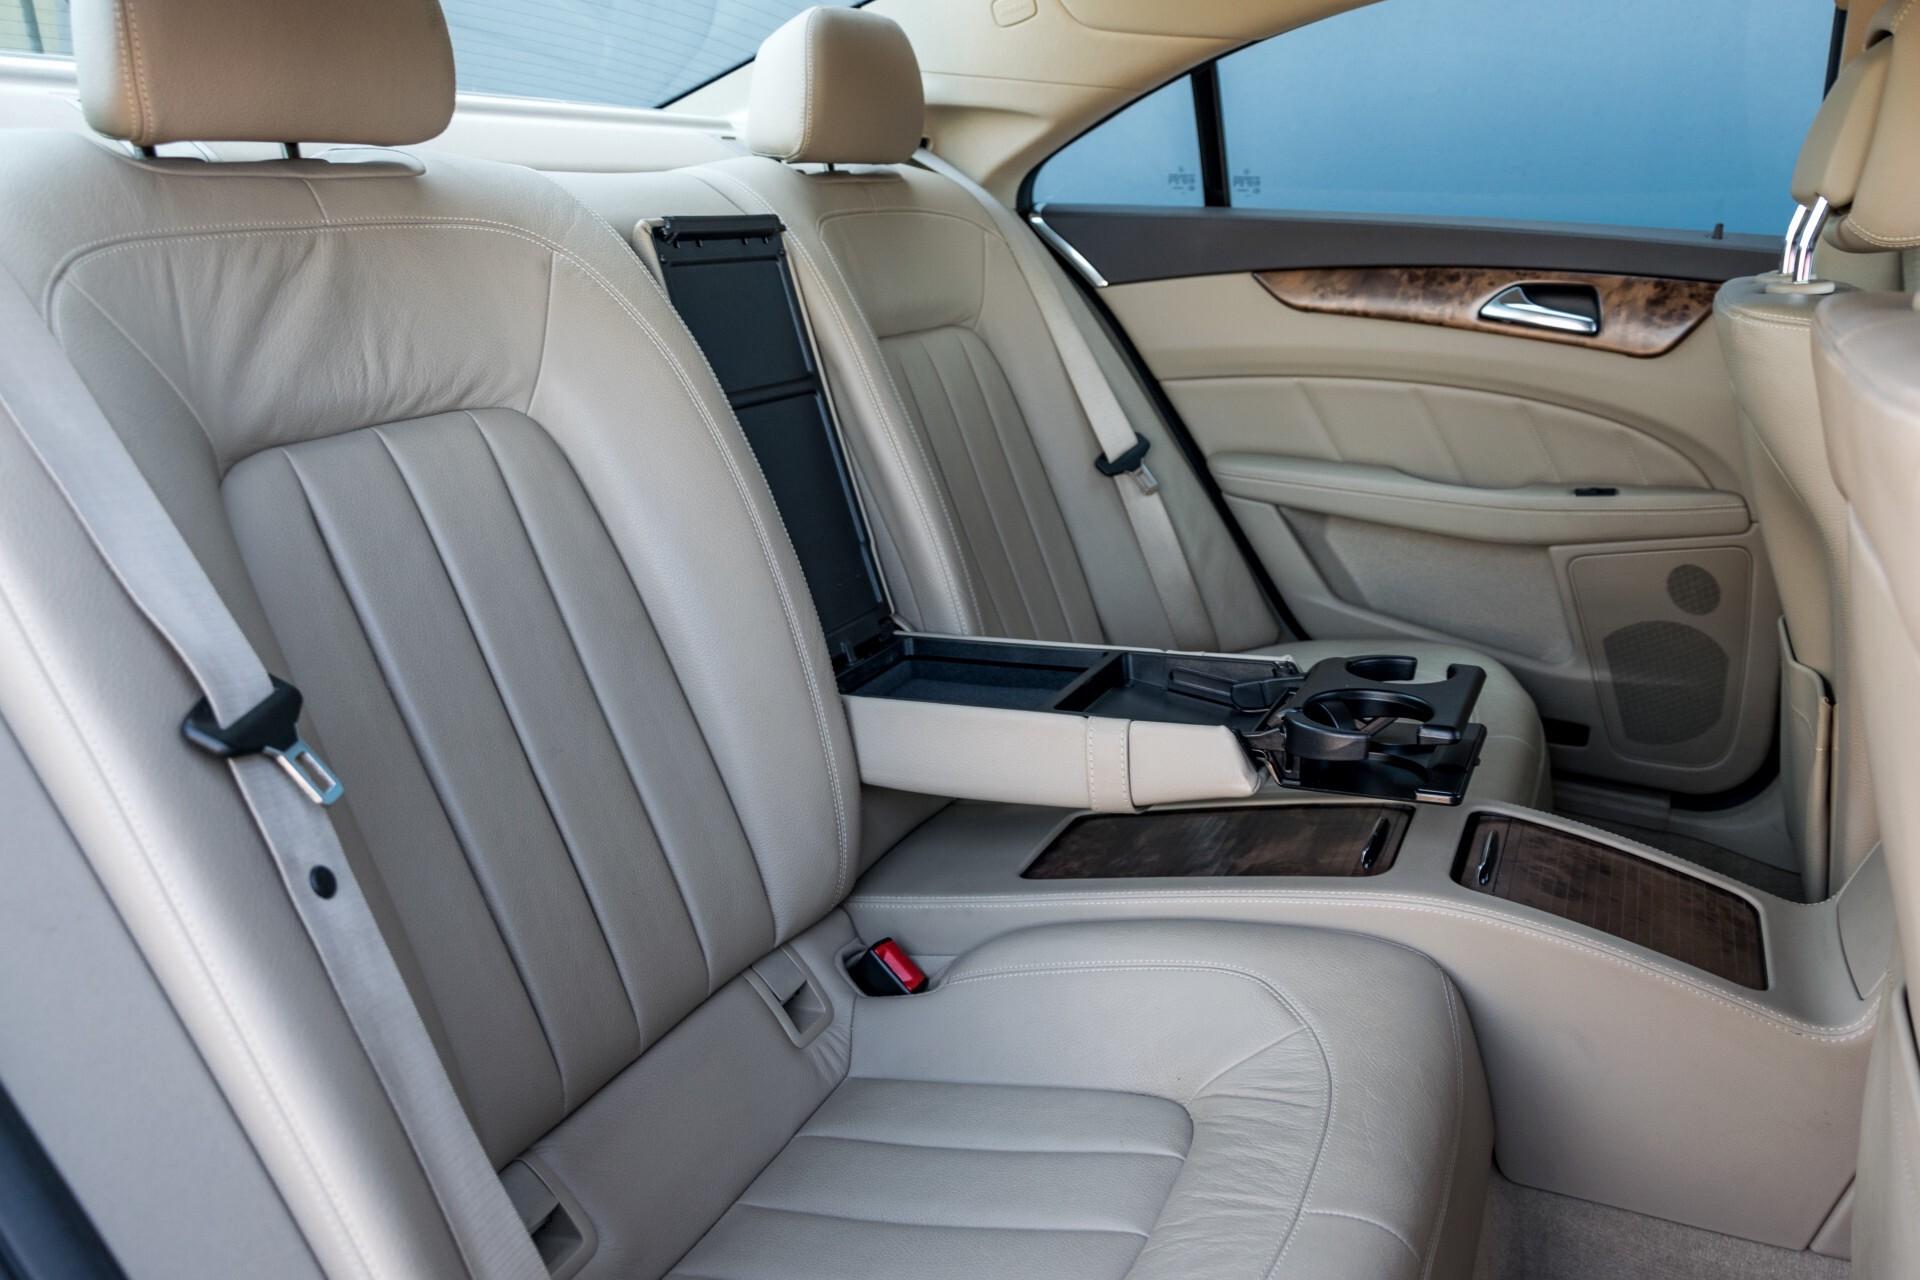 Mercedes-Benz CLS-Klasse 350 Cdi Luchtvering/Distronic/Nachtzicht/AMG/Comand/ILS Aut7 Foto 6